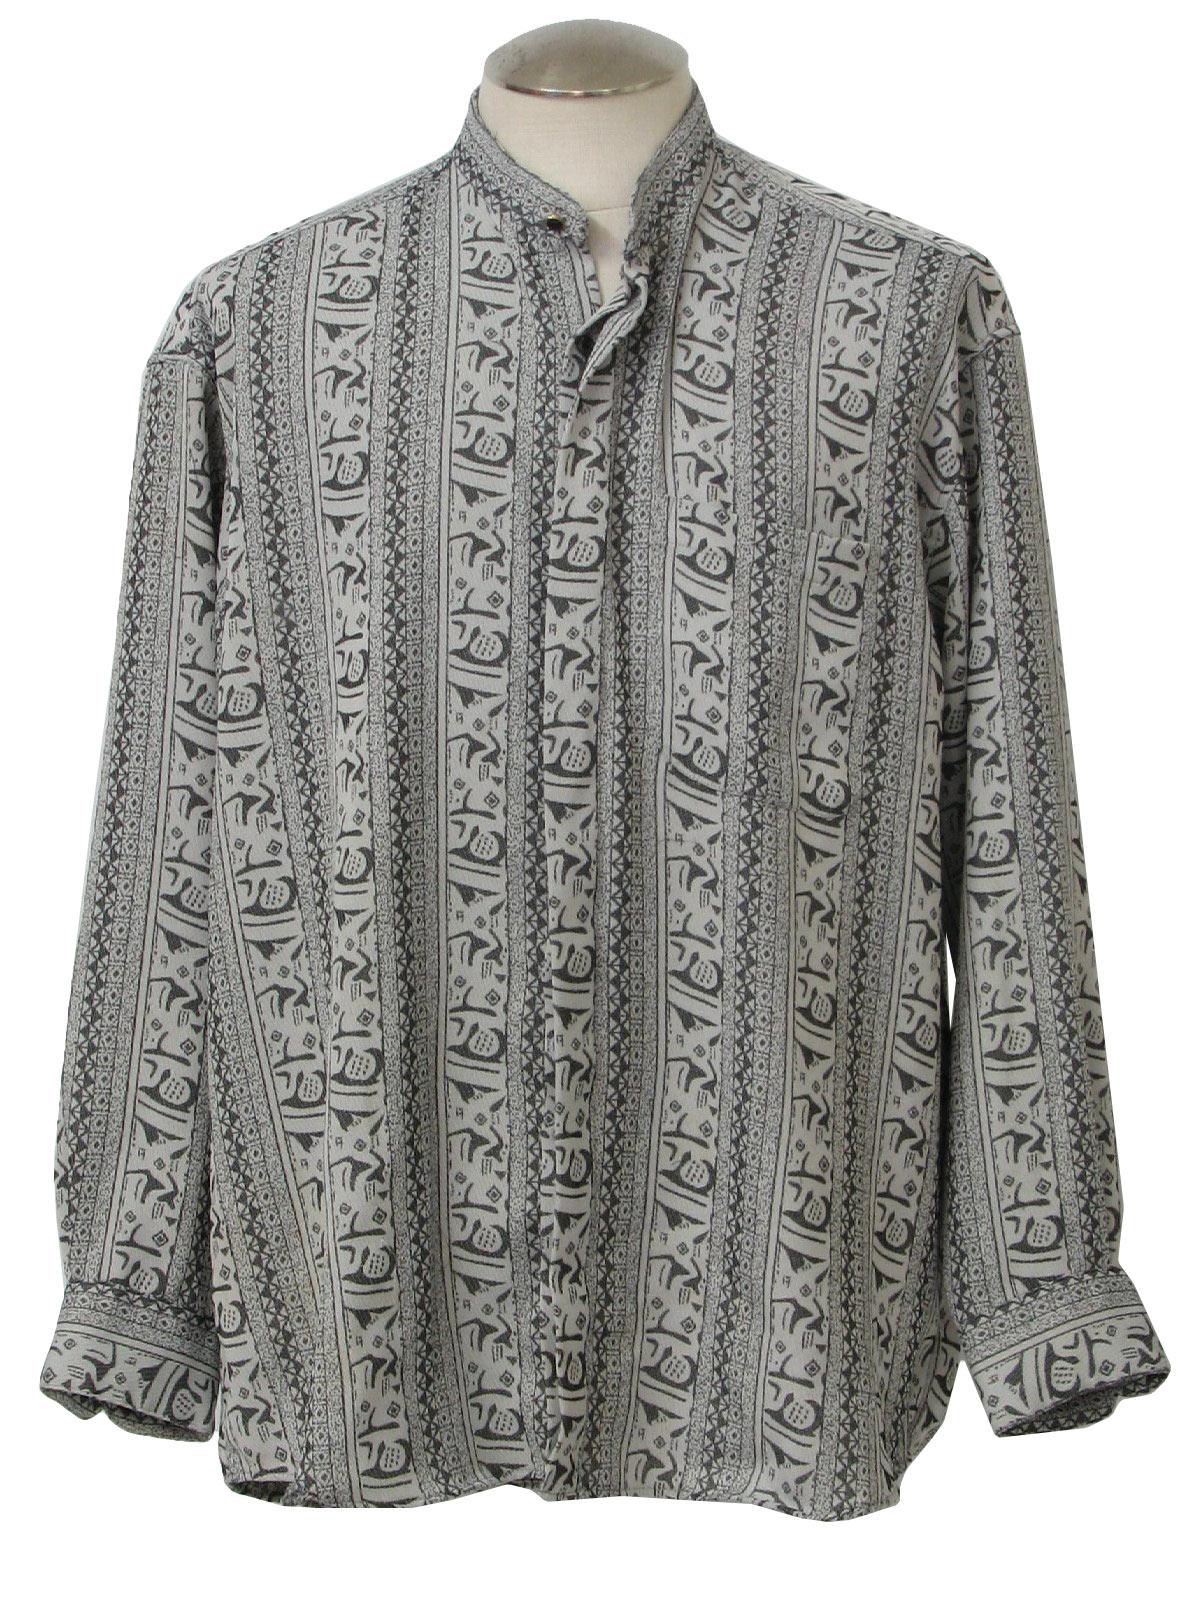 Vintage Monticerutti 1980s Hippie Shirt 80s Monticerutti Mens